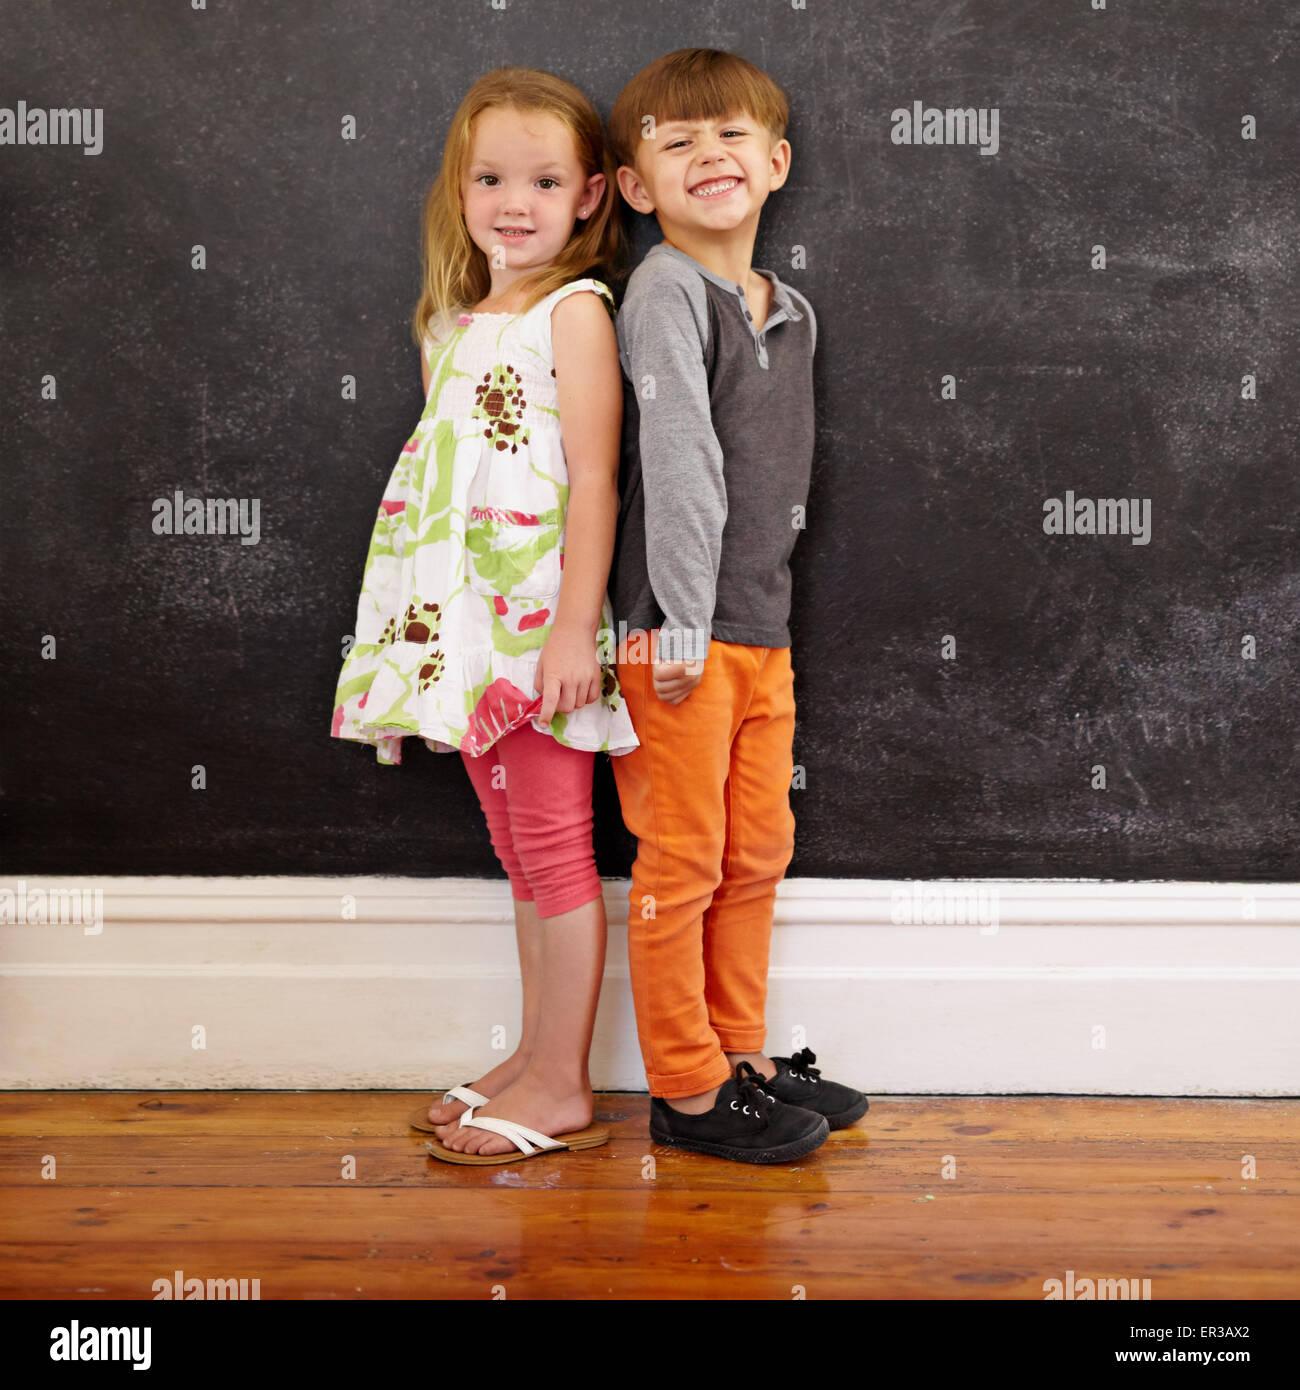 Chico y chica en el dorso de pie delante de la pizarra, mirando a la cámara sonriendo. Imagen de longitud completa Imagen De Stock